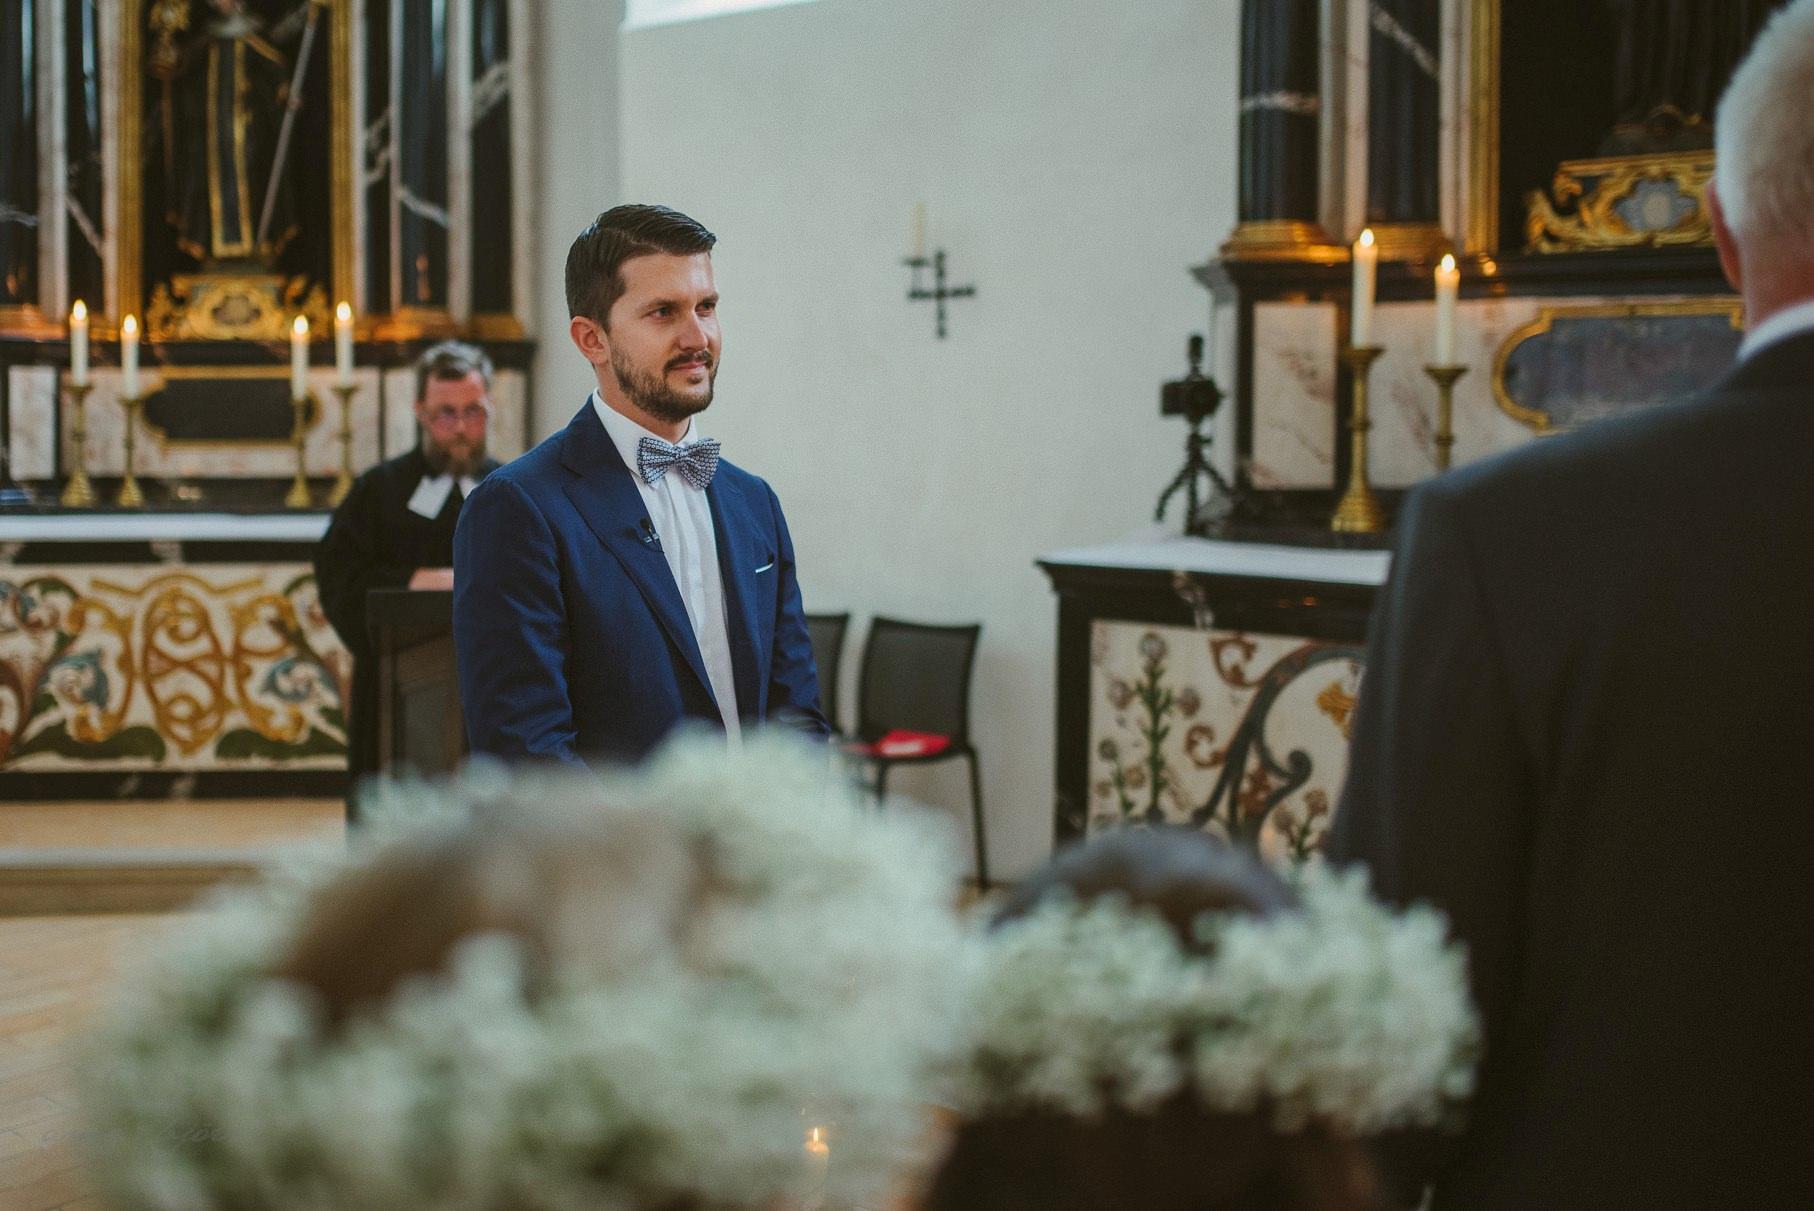 0040 anne und bjoern hochzeit schweiz d75 9974 - DIY Hochzeit in der Schweiz - Sabrina & Christoph